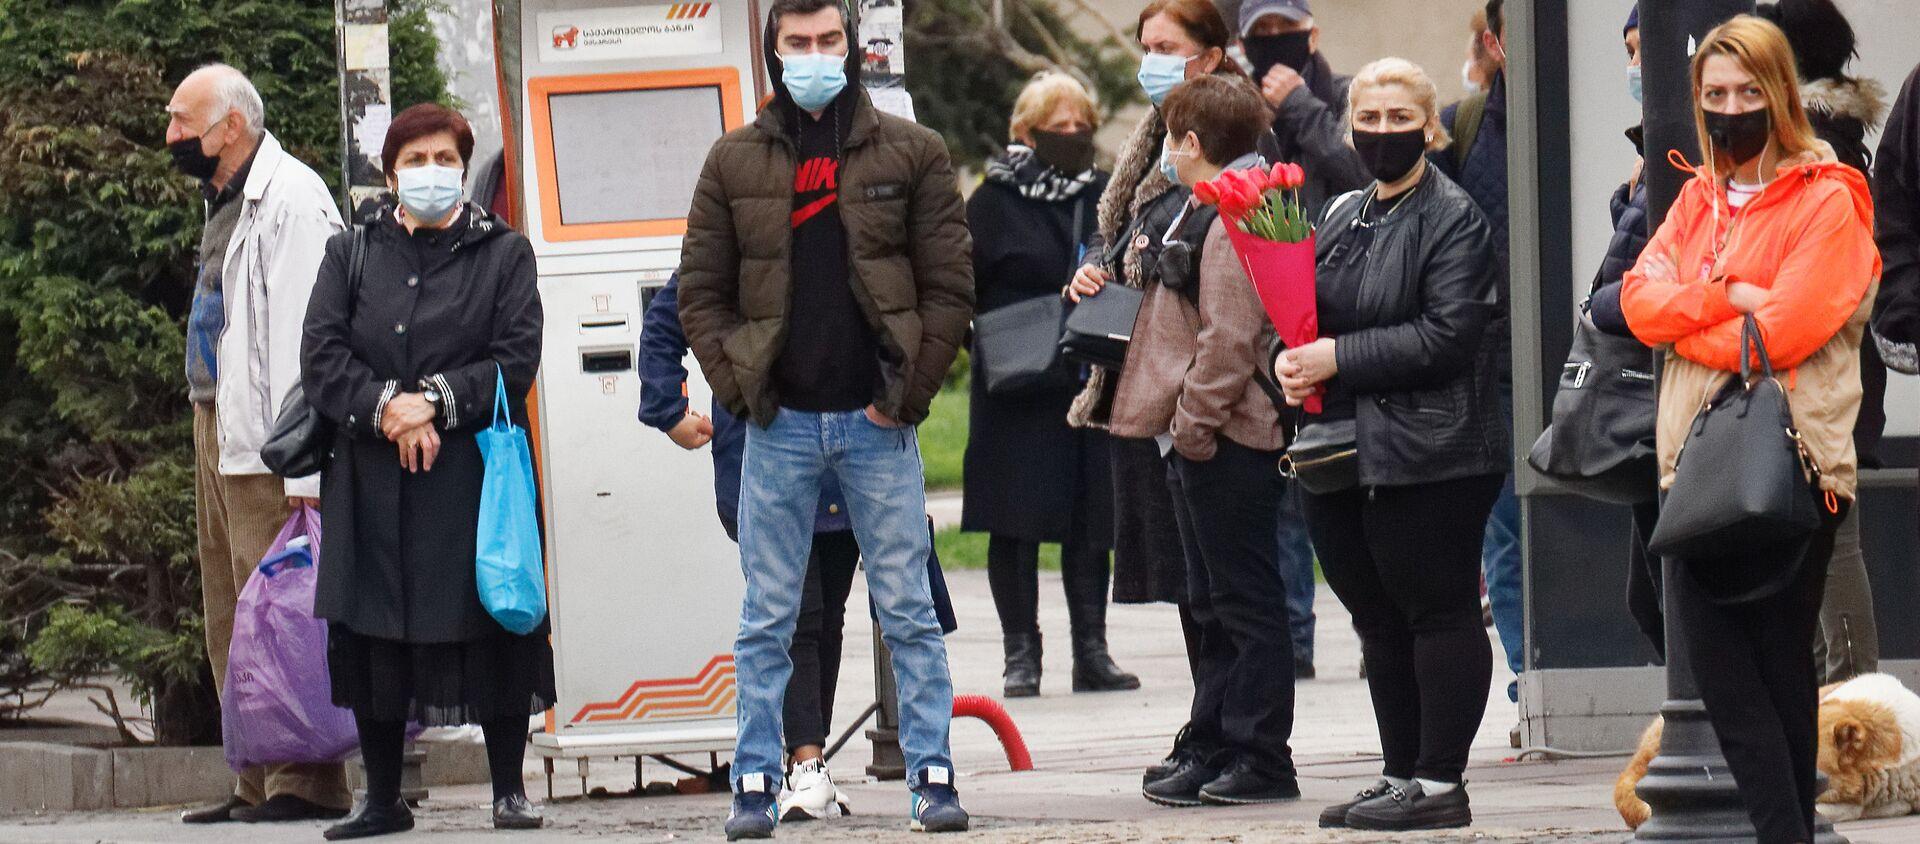 Эпидемия коронавируса - прохожие на автобусной остановке в масках - Sputnik Грузия, 1920, 28.04.2021